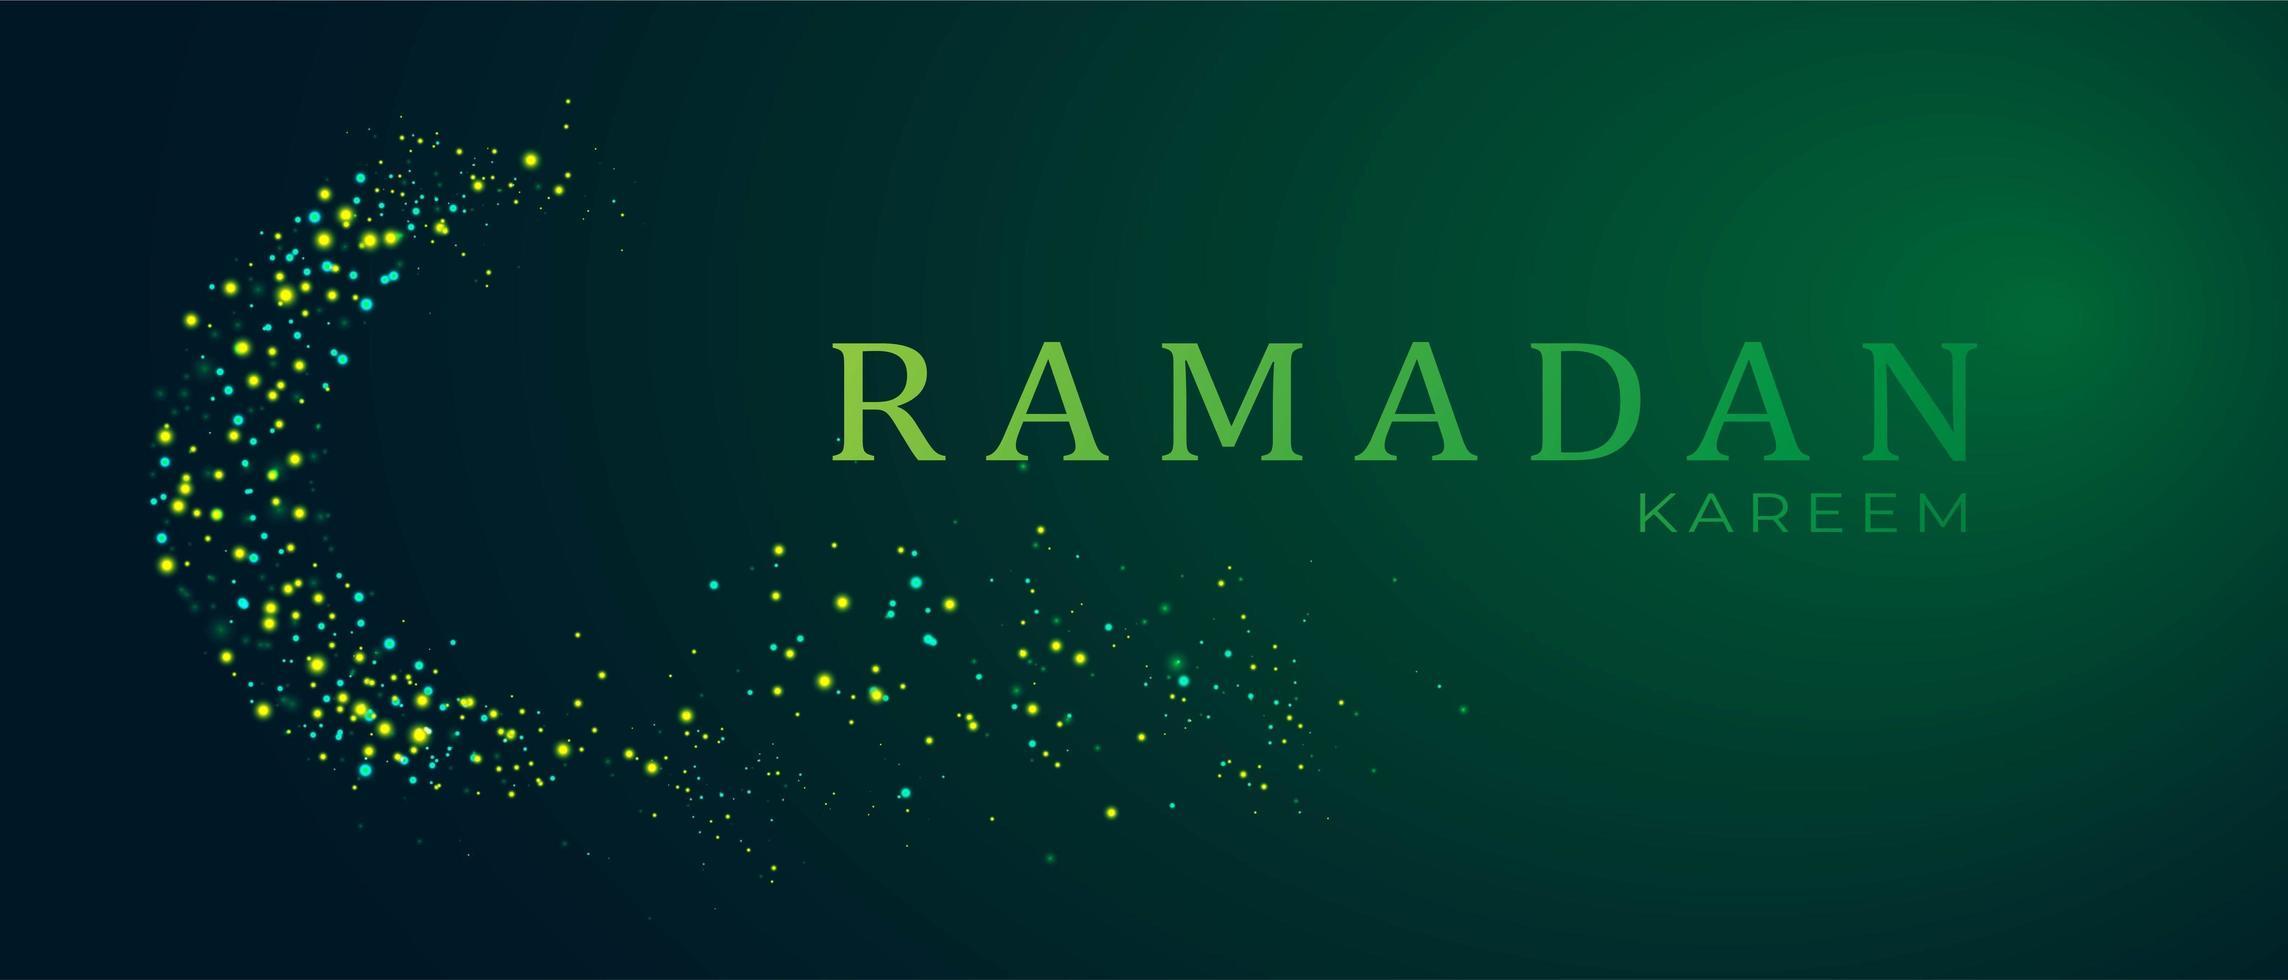 fundo de ramadan kareem com espaço para texto vetor